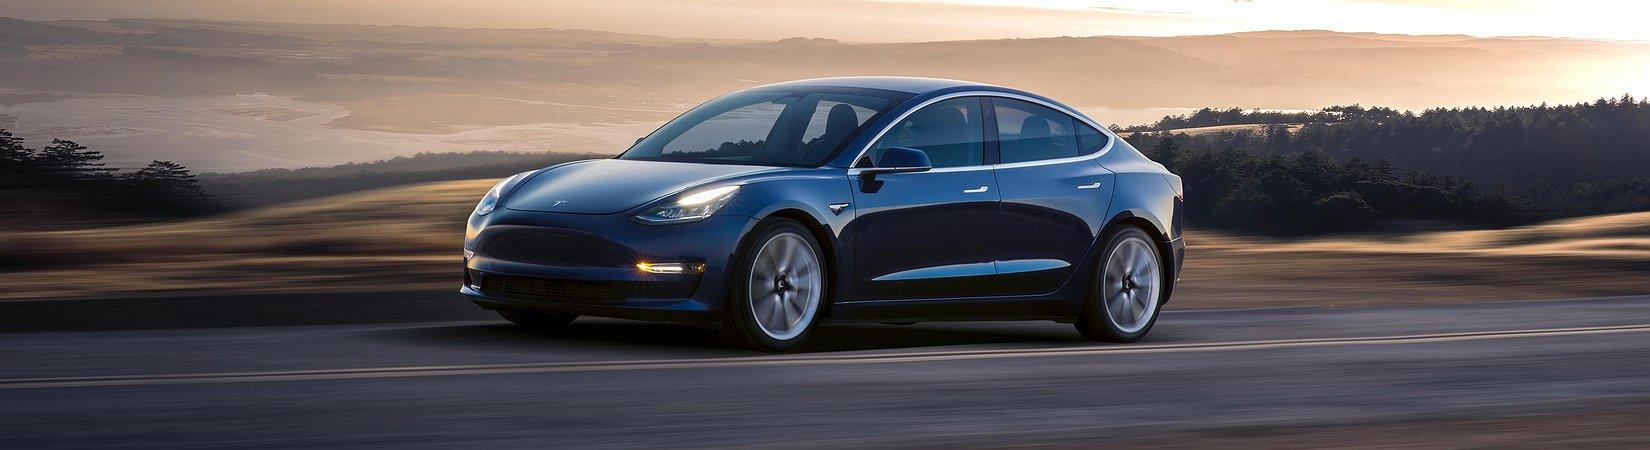 Tesla regista atrasos na produção do Model 3